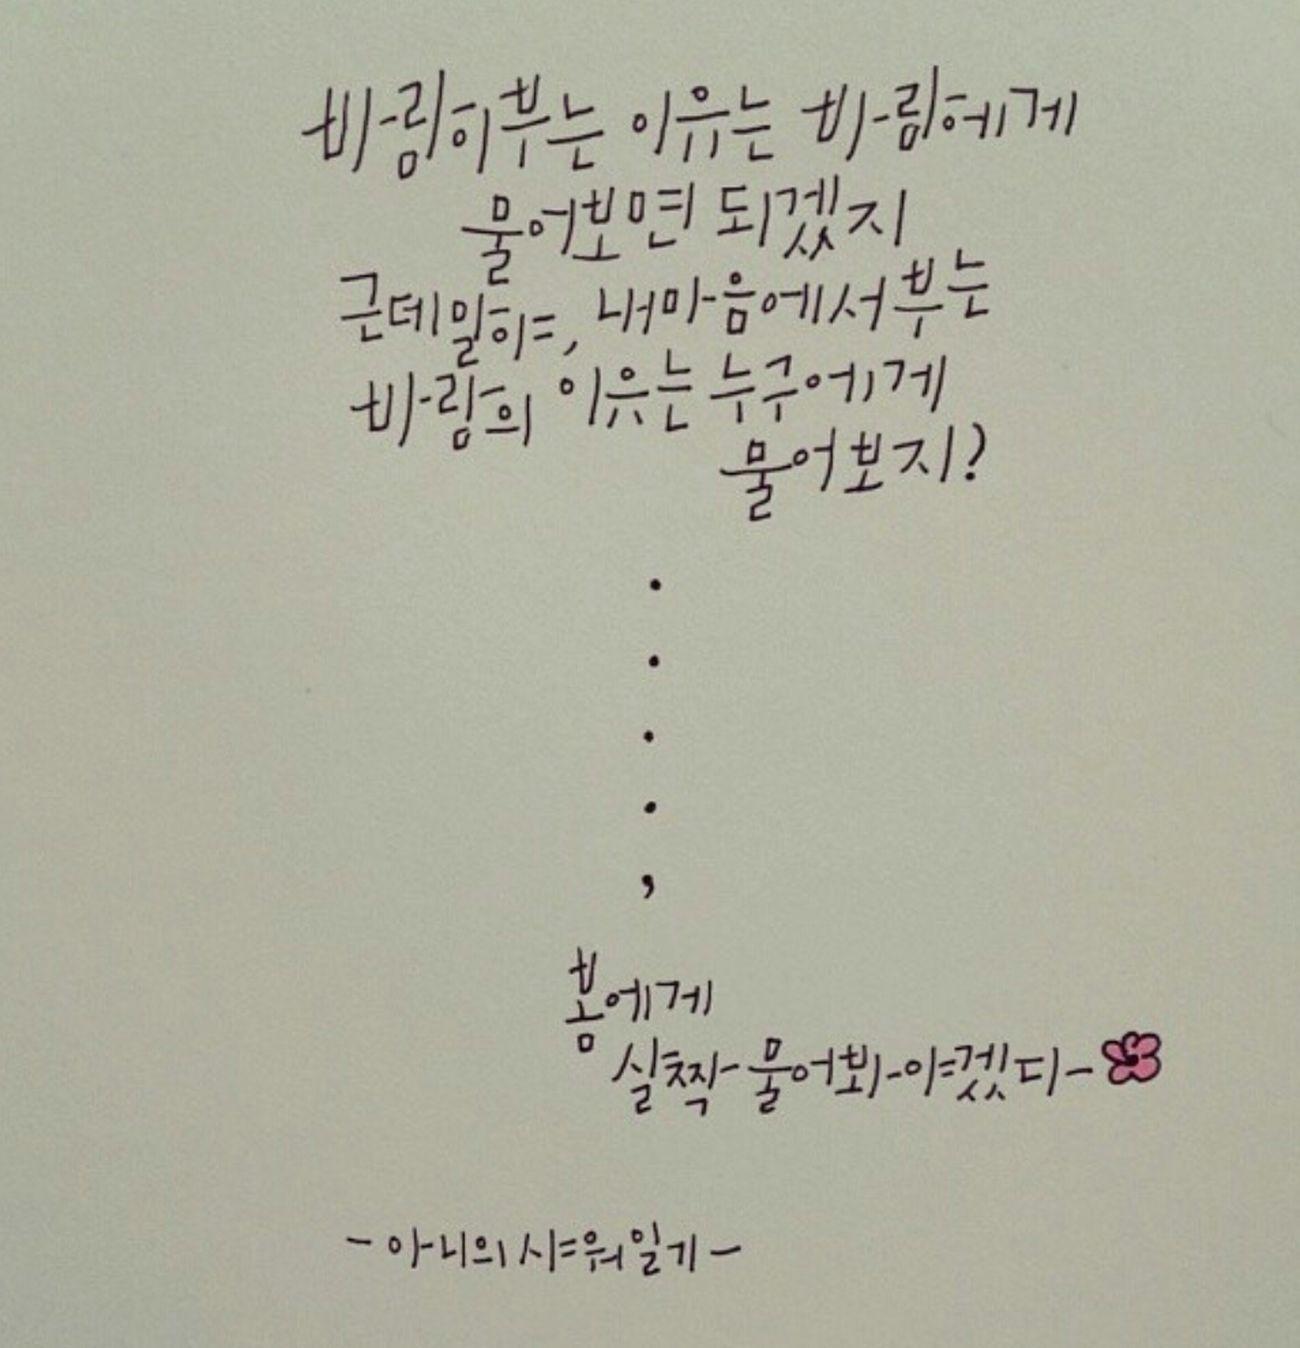 바람~내가 조아하는 글~♥ Like (: You Know Who You Are 오늘.. 난 우리 본집에 코코와 뮤와 얀처럼 그리고 친구의 꾹꾹이 처럼 꿋꿋하게 언냐네 집은 내가 지킨다!!! <( ̄︶ ̄)>